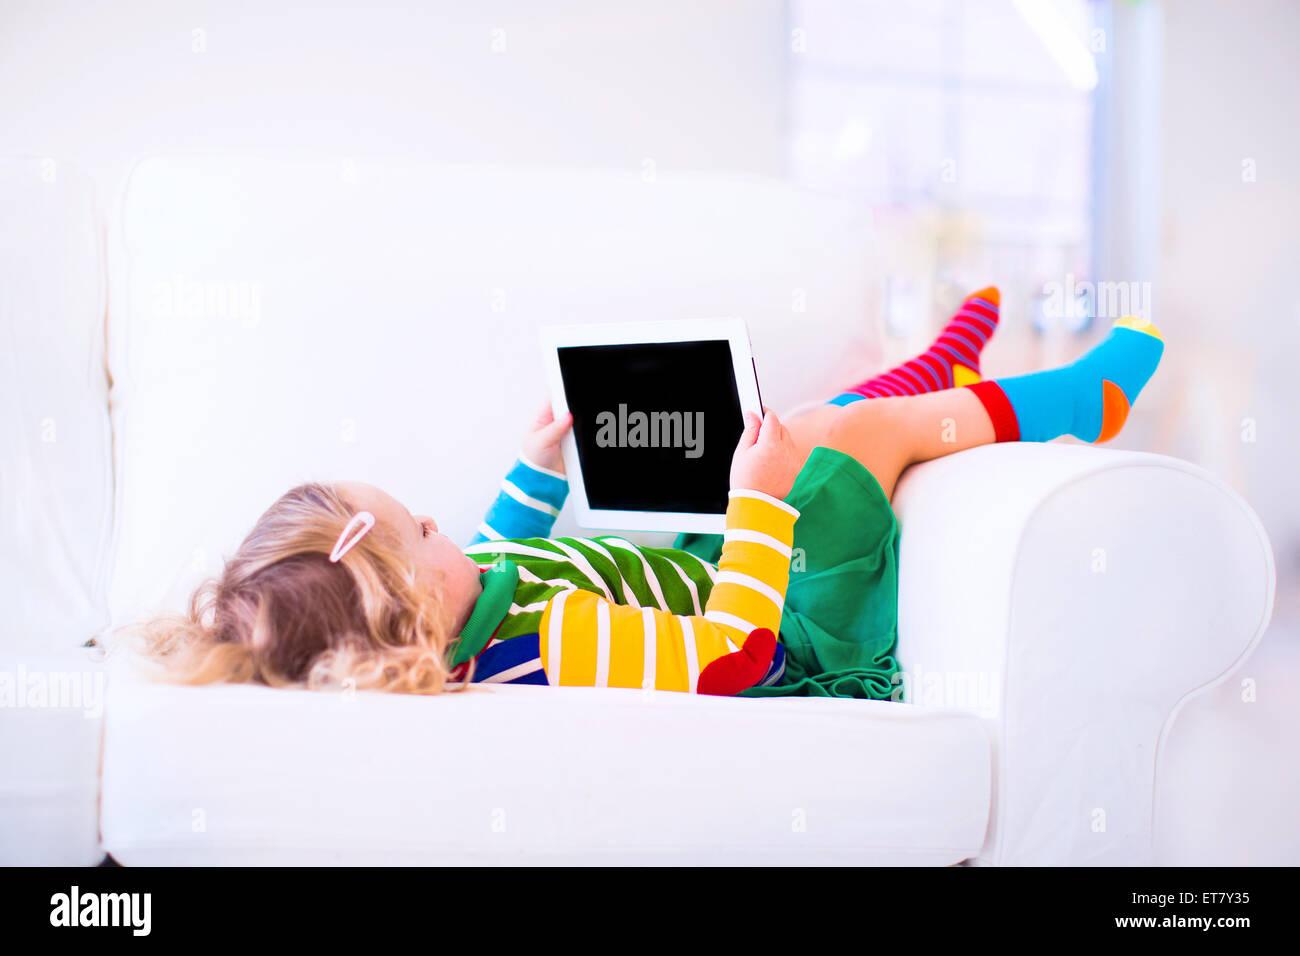 Lustige Kleine Kleinkind Madchen Mit Tablet Pc Auf Einem Weissen Sofa